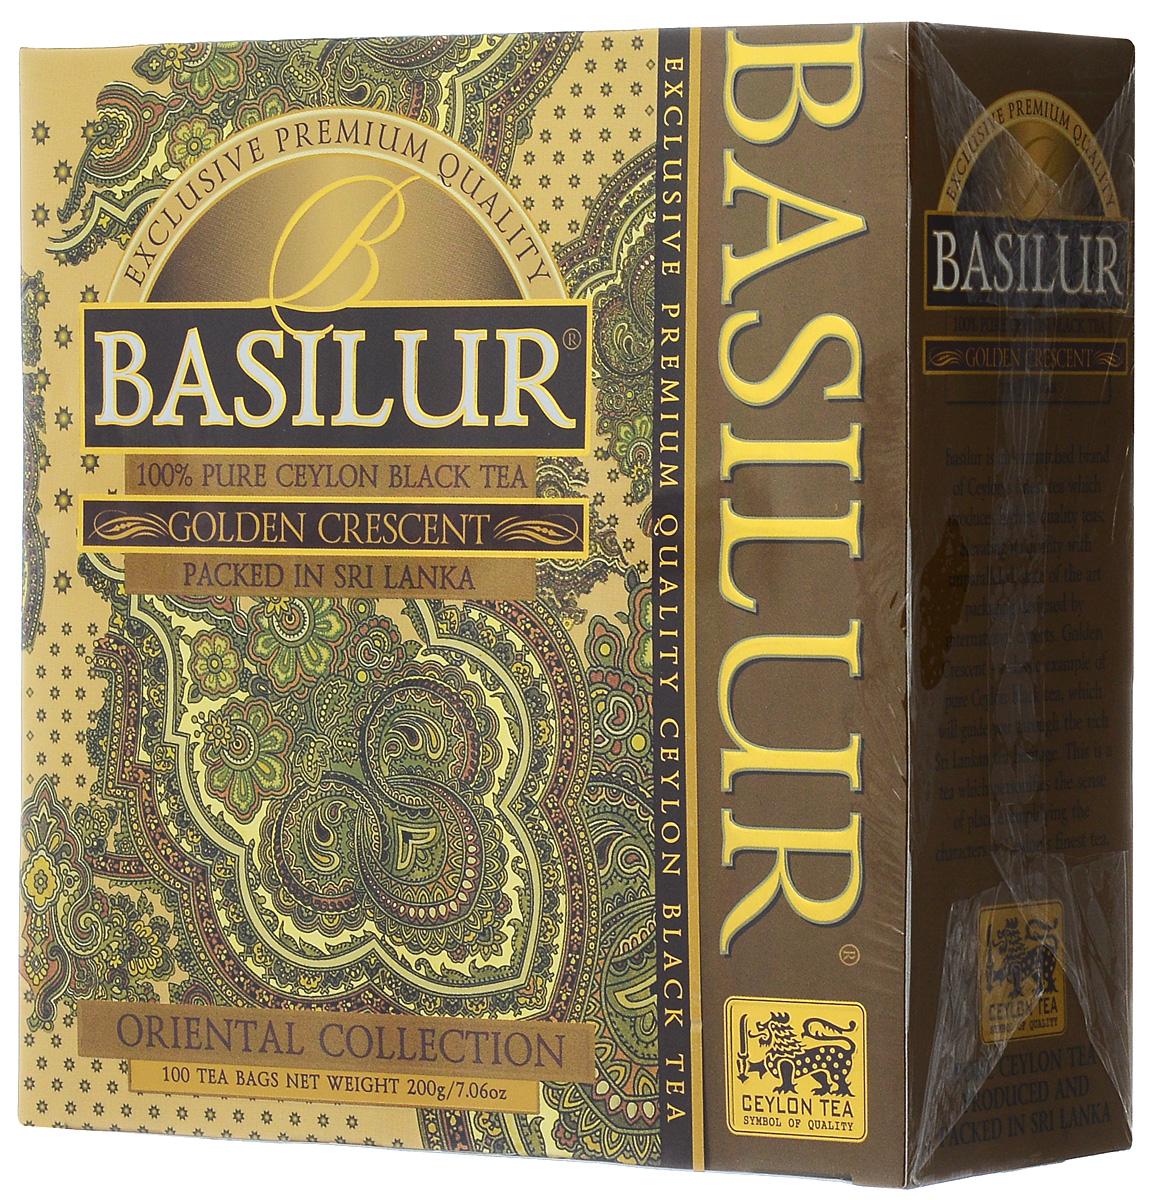 Basilur Golden Crescent черный чай в пакетиках, 100 шт